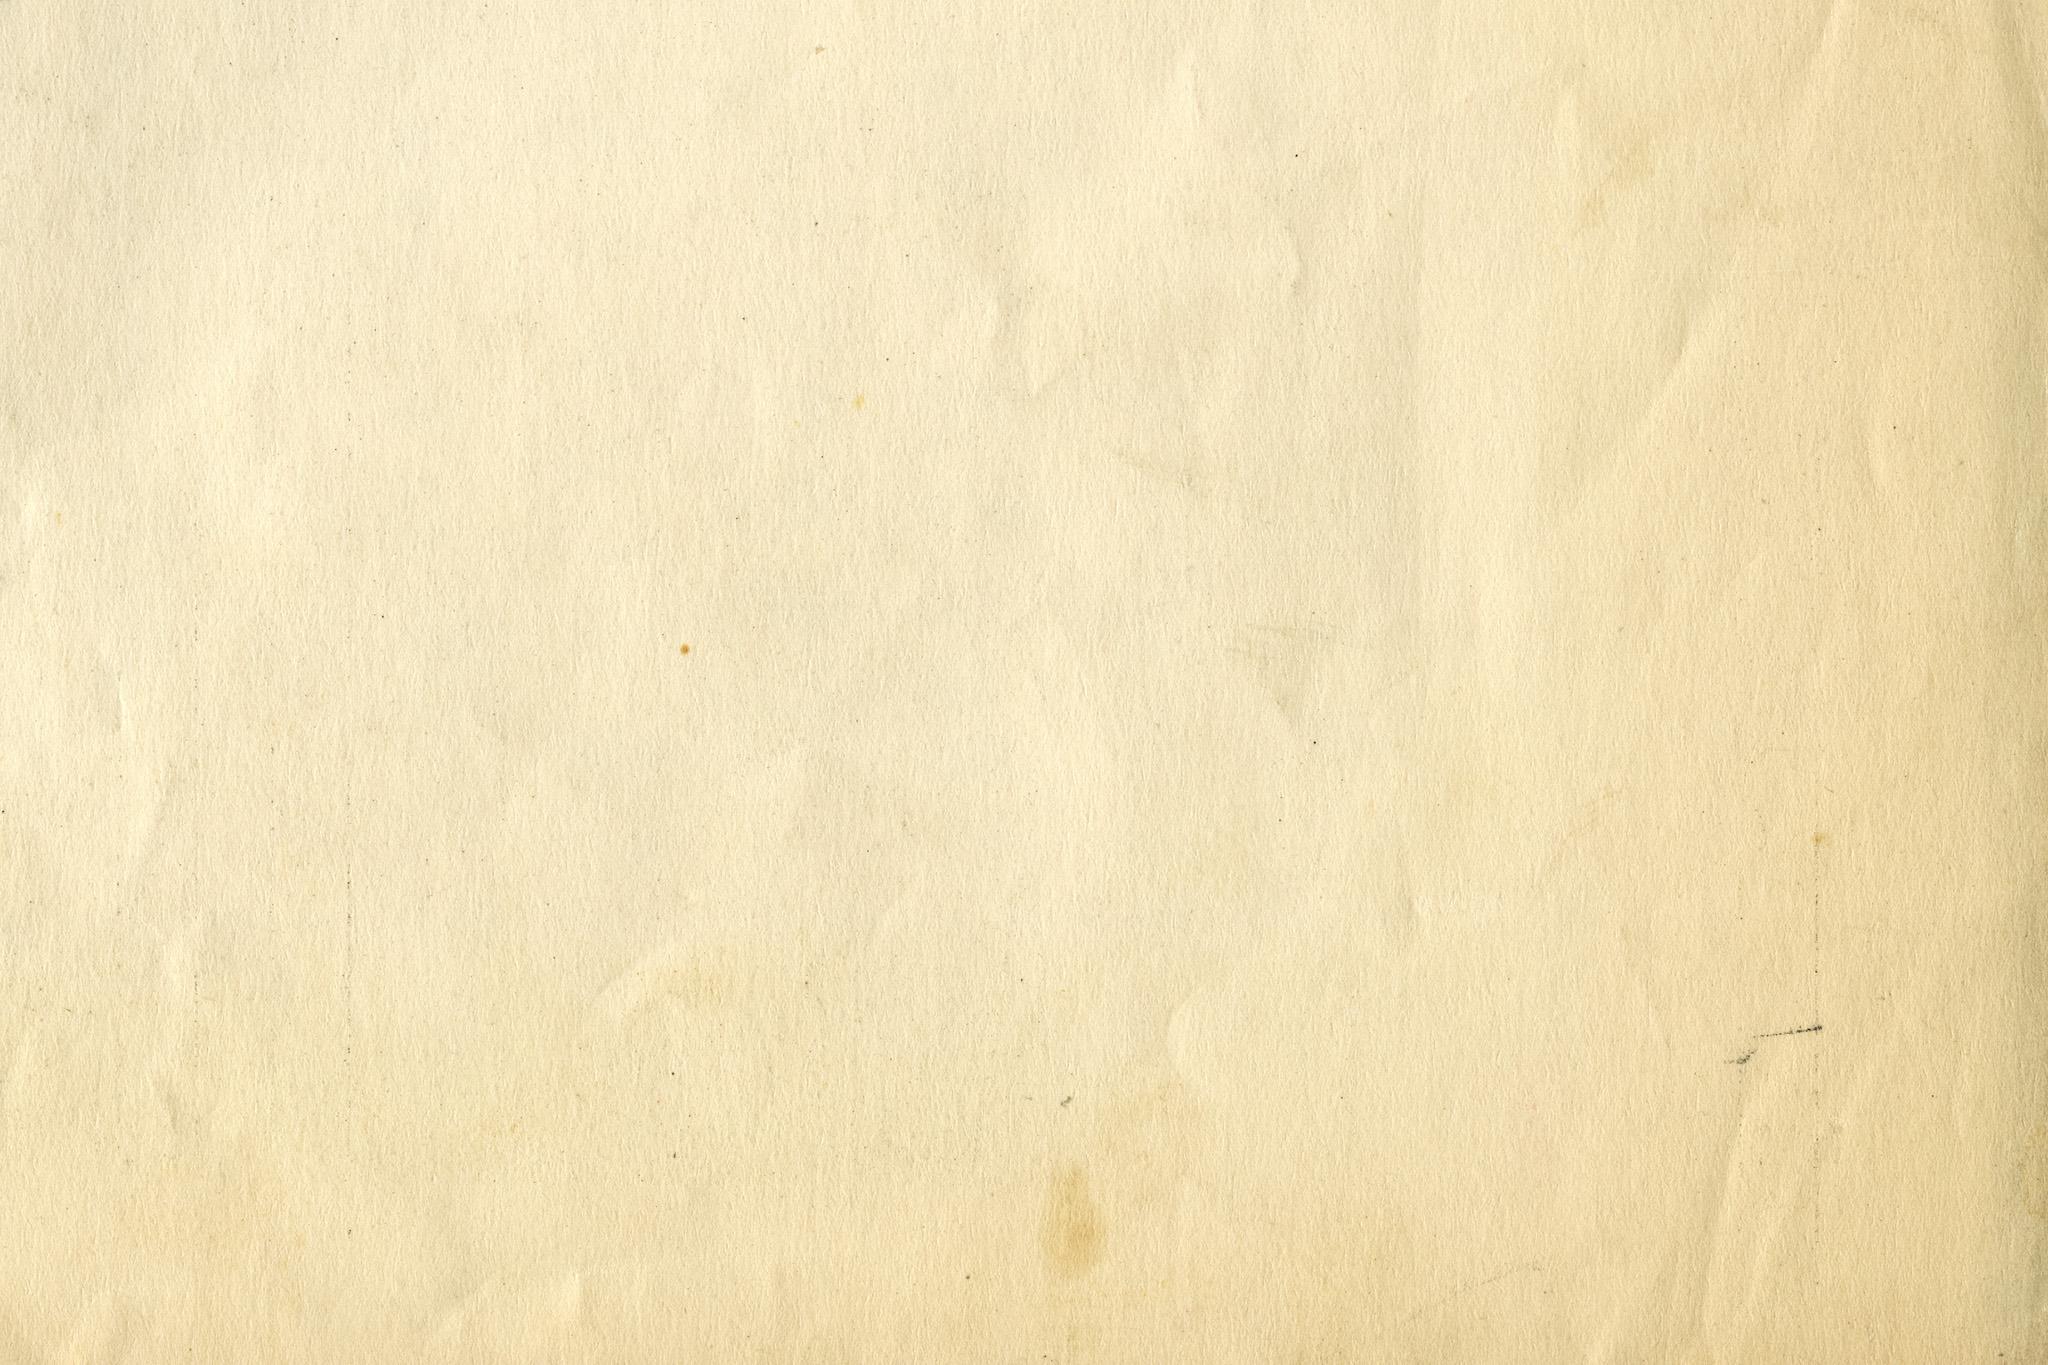 「日に焼けた昔の紙」の素材を無料ダウンロード